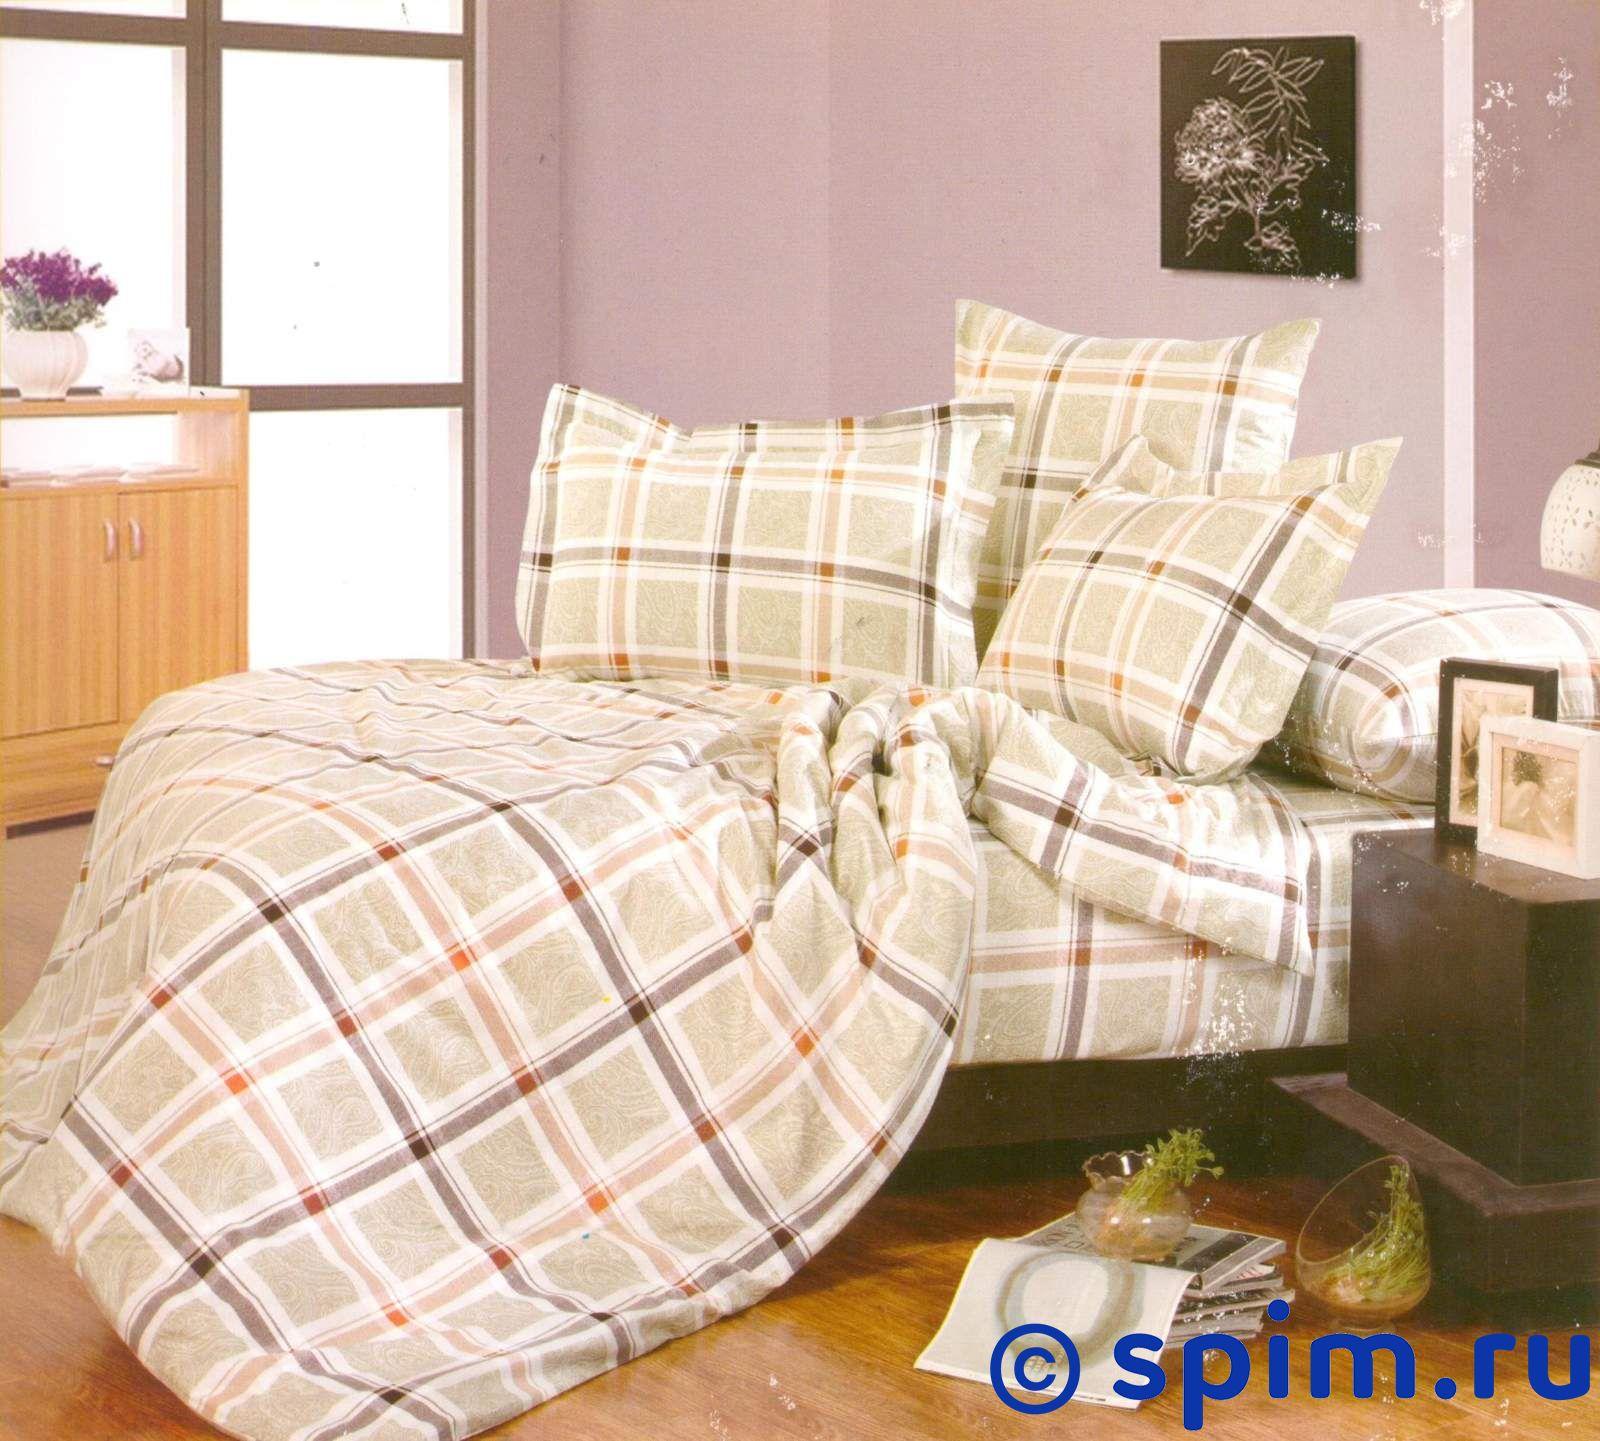 Комплект СайлиД А135 СемейноеПостельное белье СайлиД<br>Материал: 100% хлопок (поплин). Плотность, г/м2: 125. Размер : Семейное<br><br>Размер: Семейное